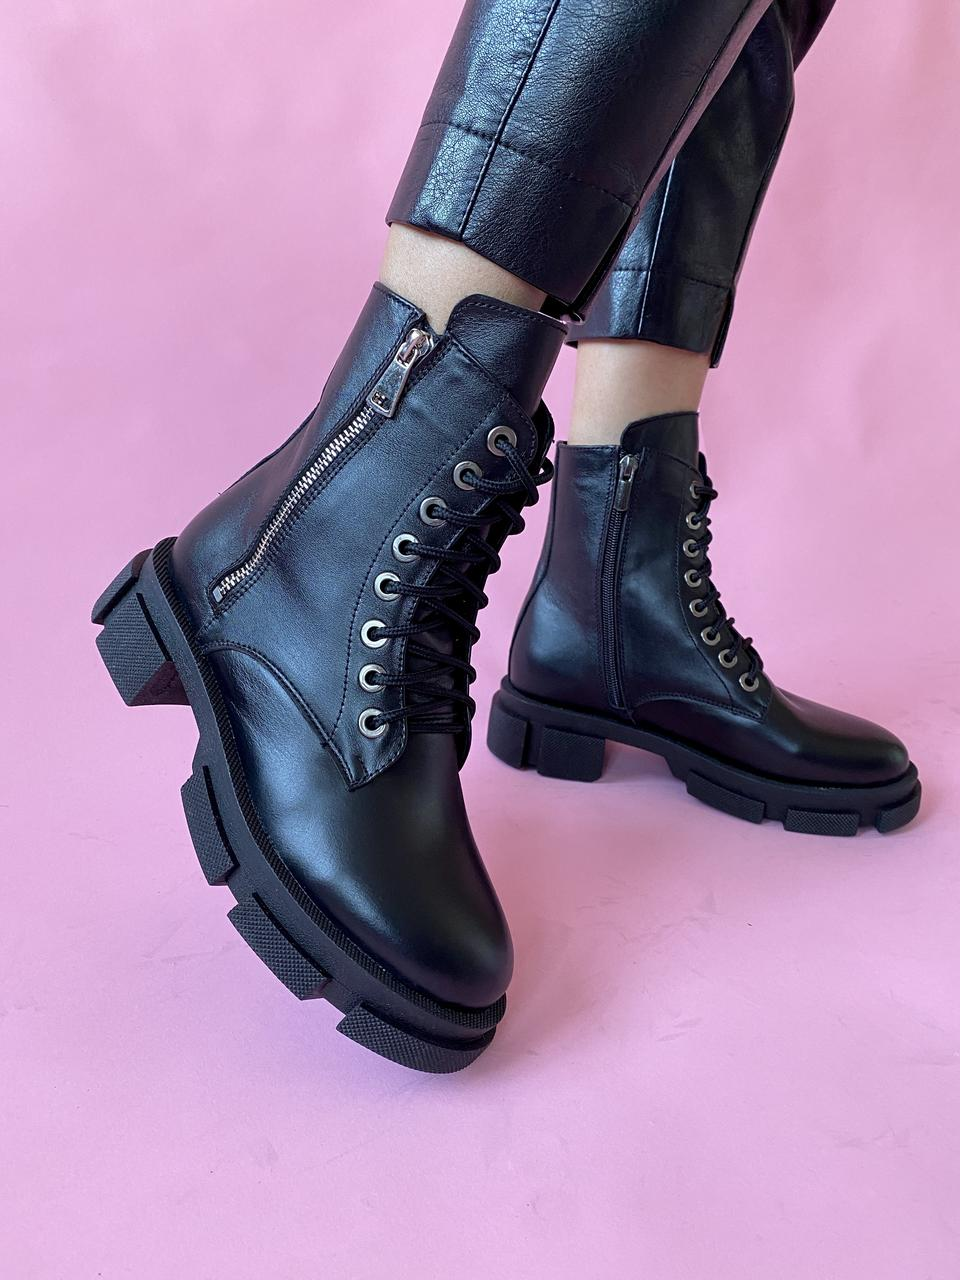 Женские ботинки кожаные весна/осень черные Yuves 129 байка